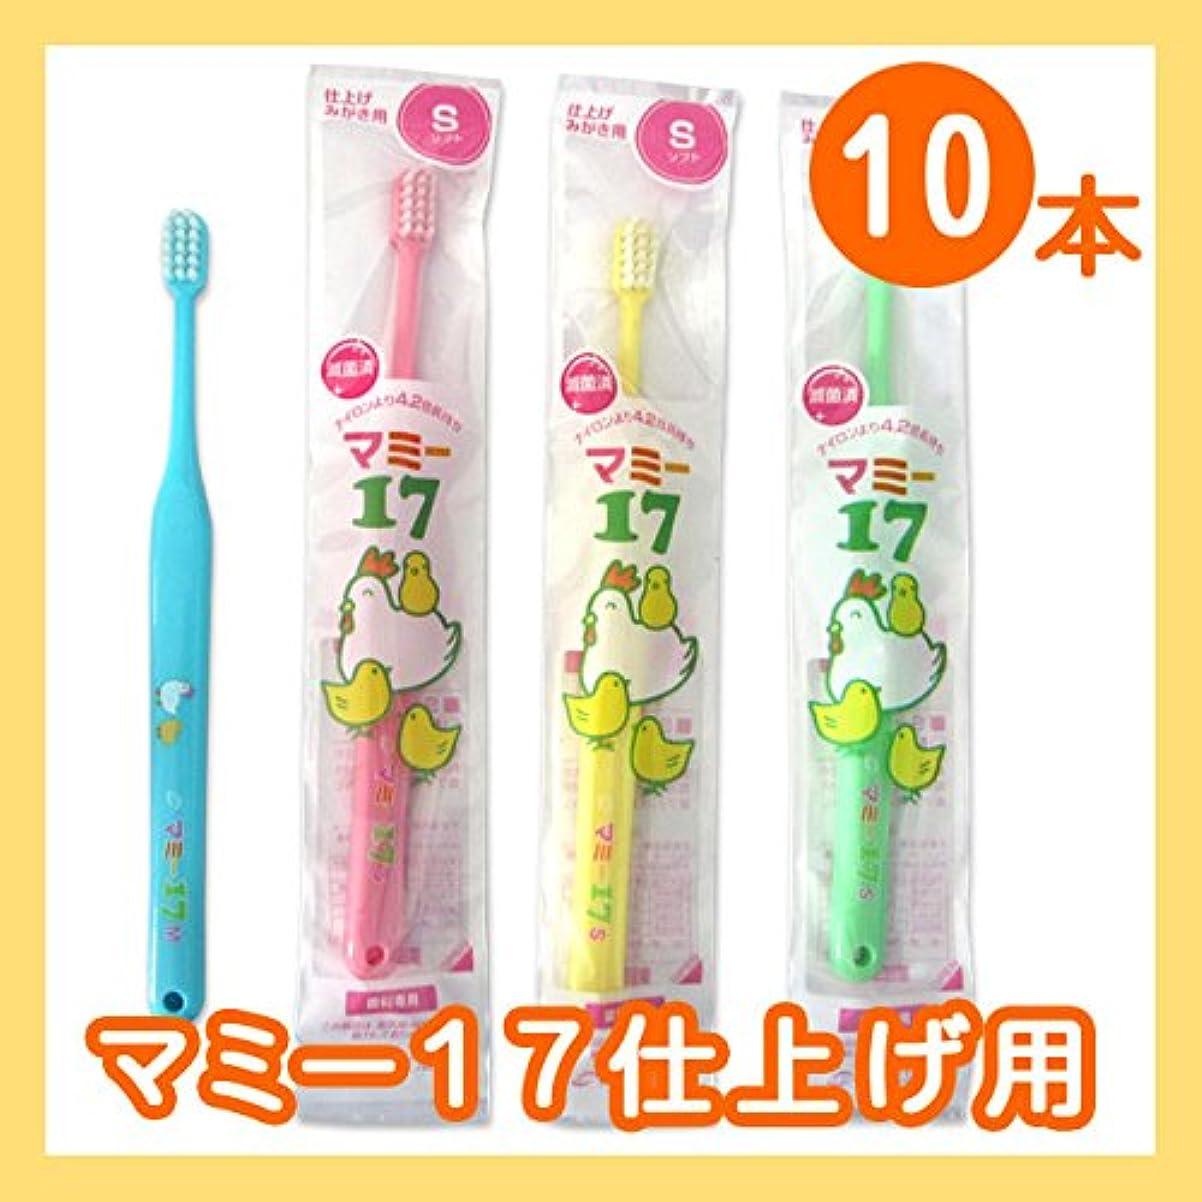 自分の発行するスリーブマミー17 10本 オーラルケア マミー17 子供 点検?仕上げ磨き用歯ブラシ 10本セット ミディアム イエロー